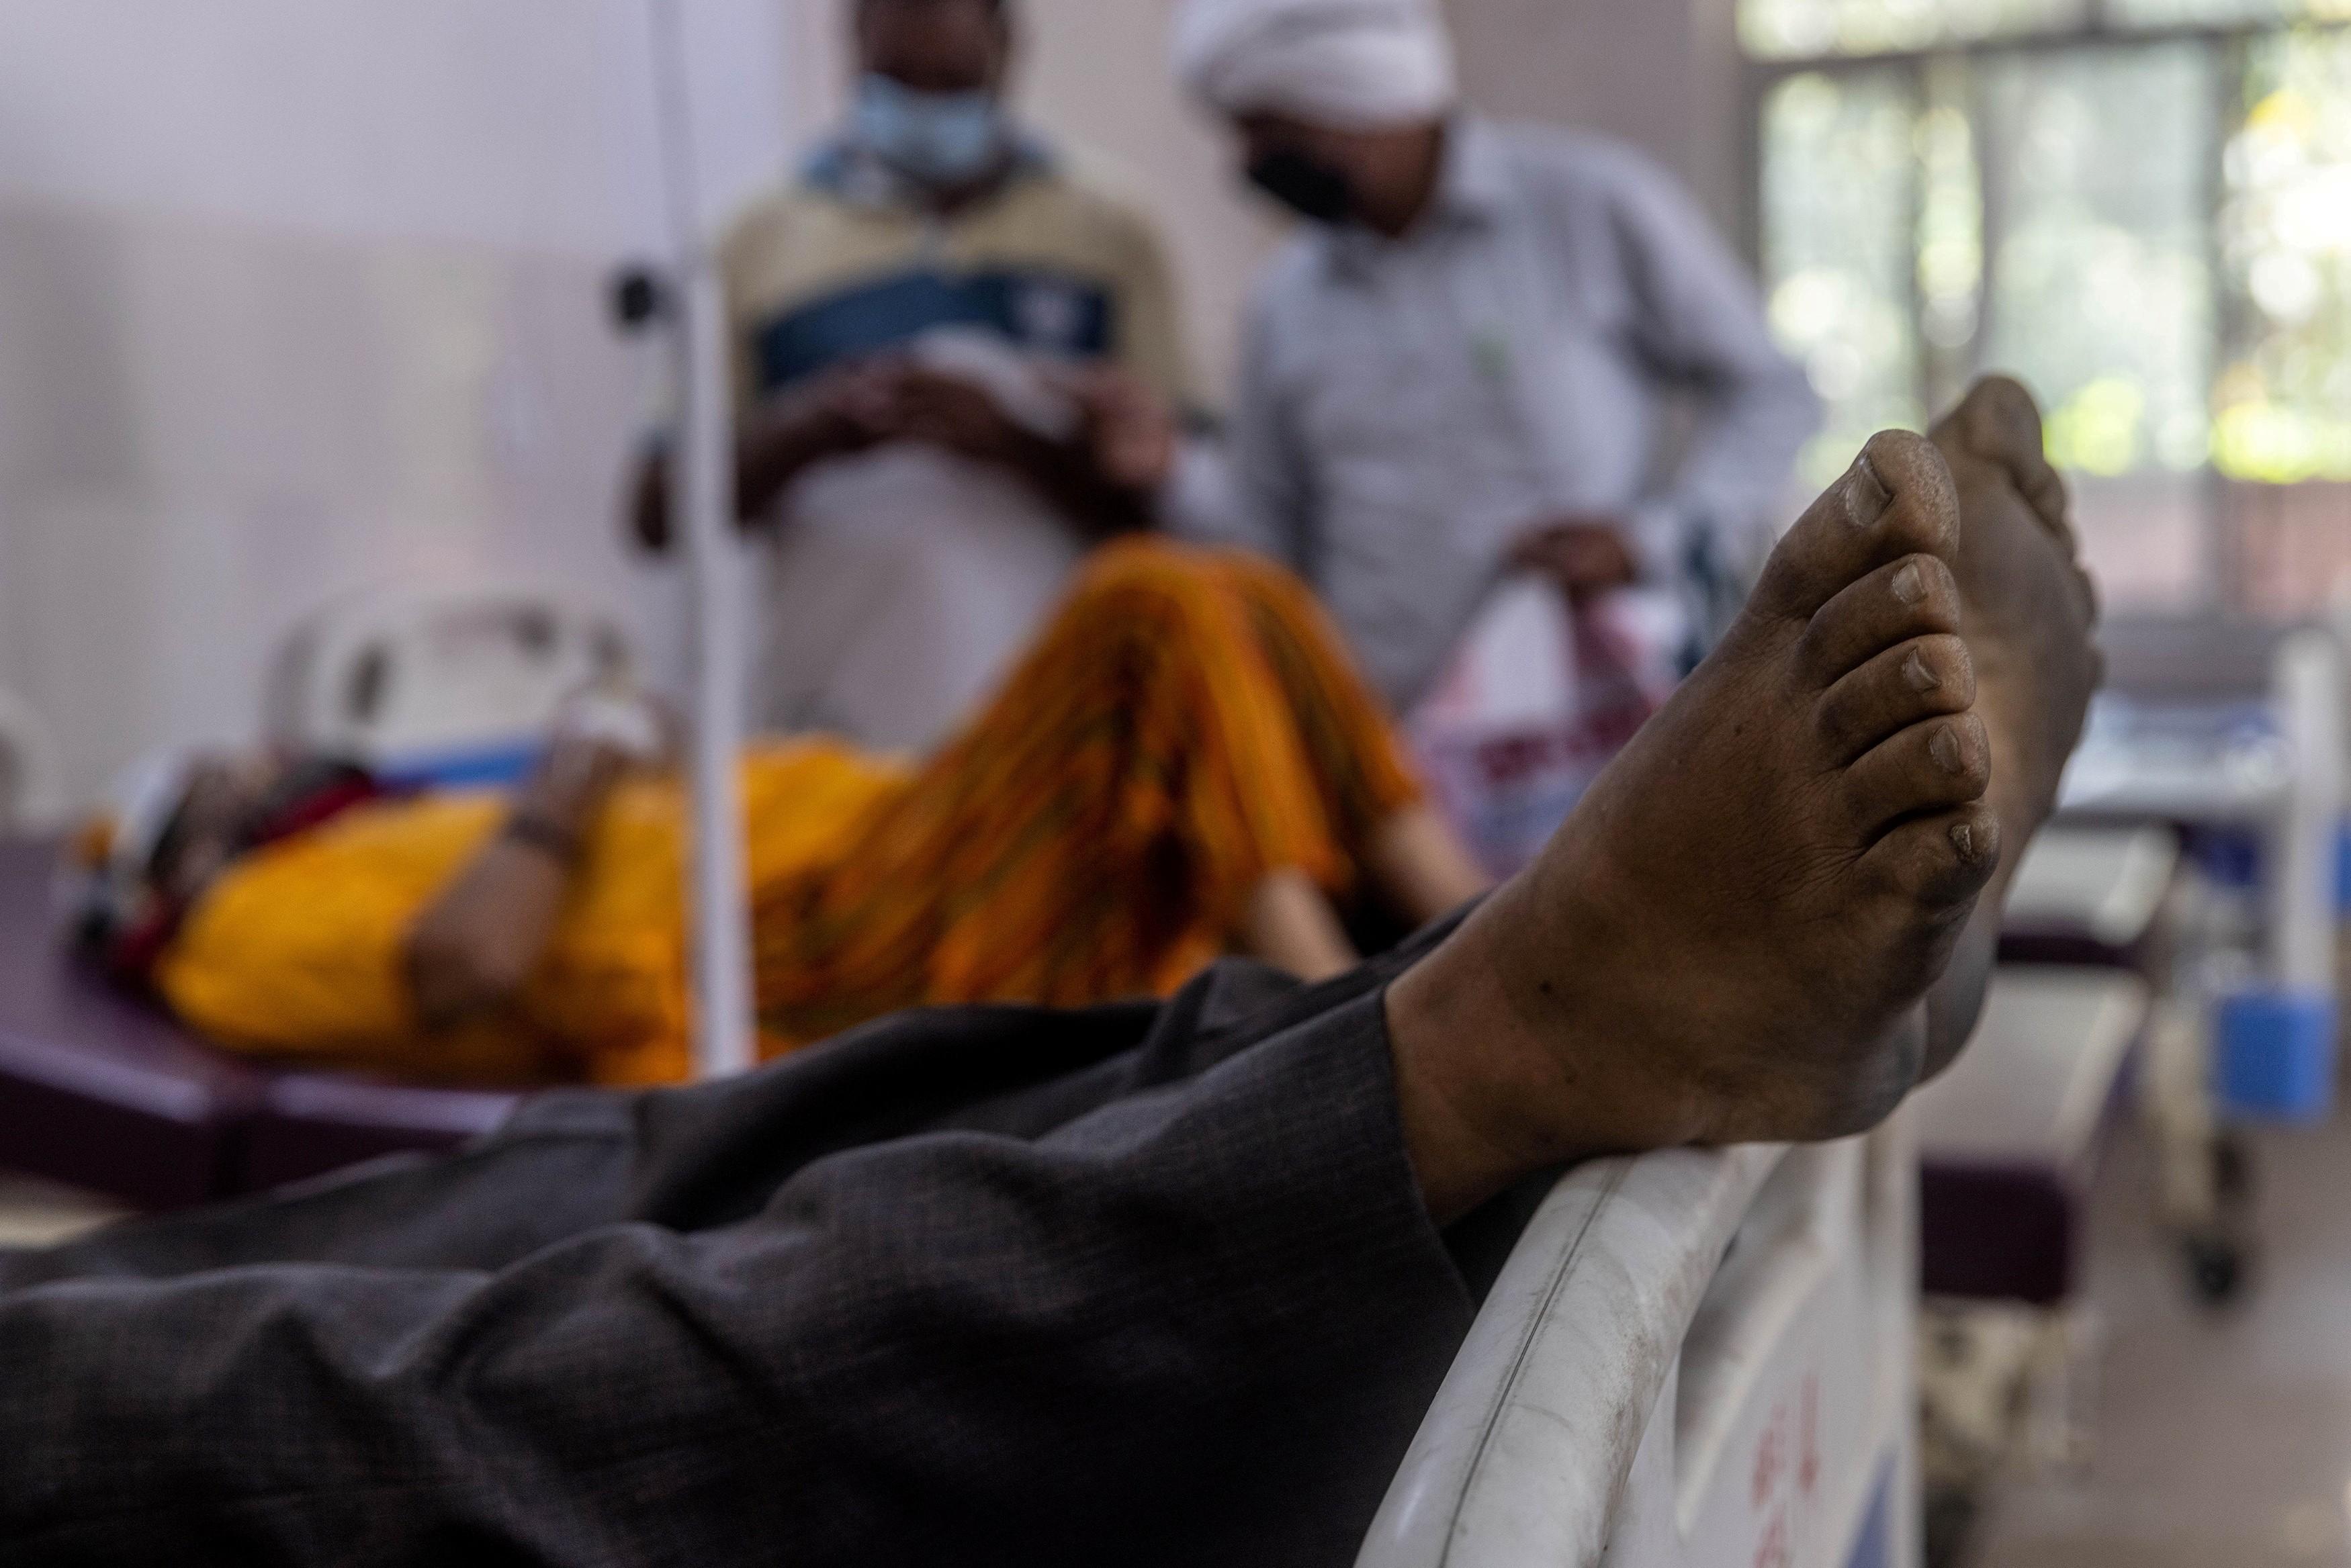 Variante indiana do coronavírus é detectada em 44 países, diz OMS